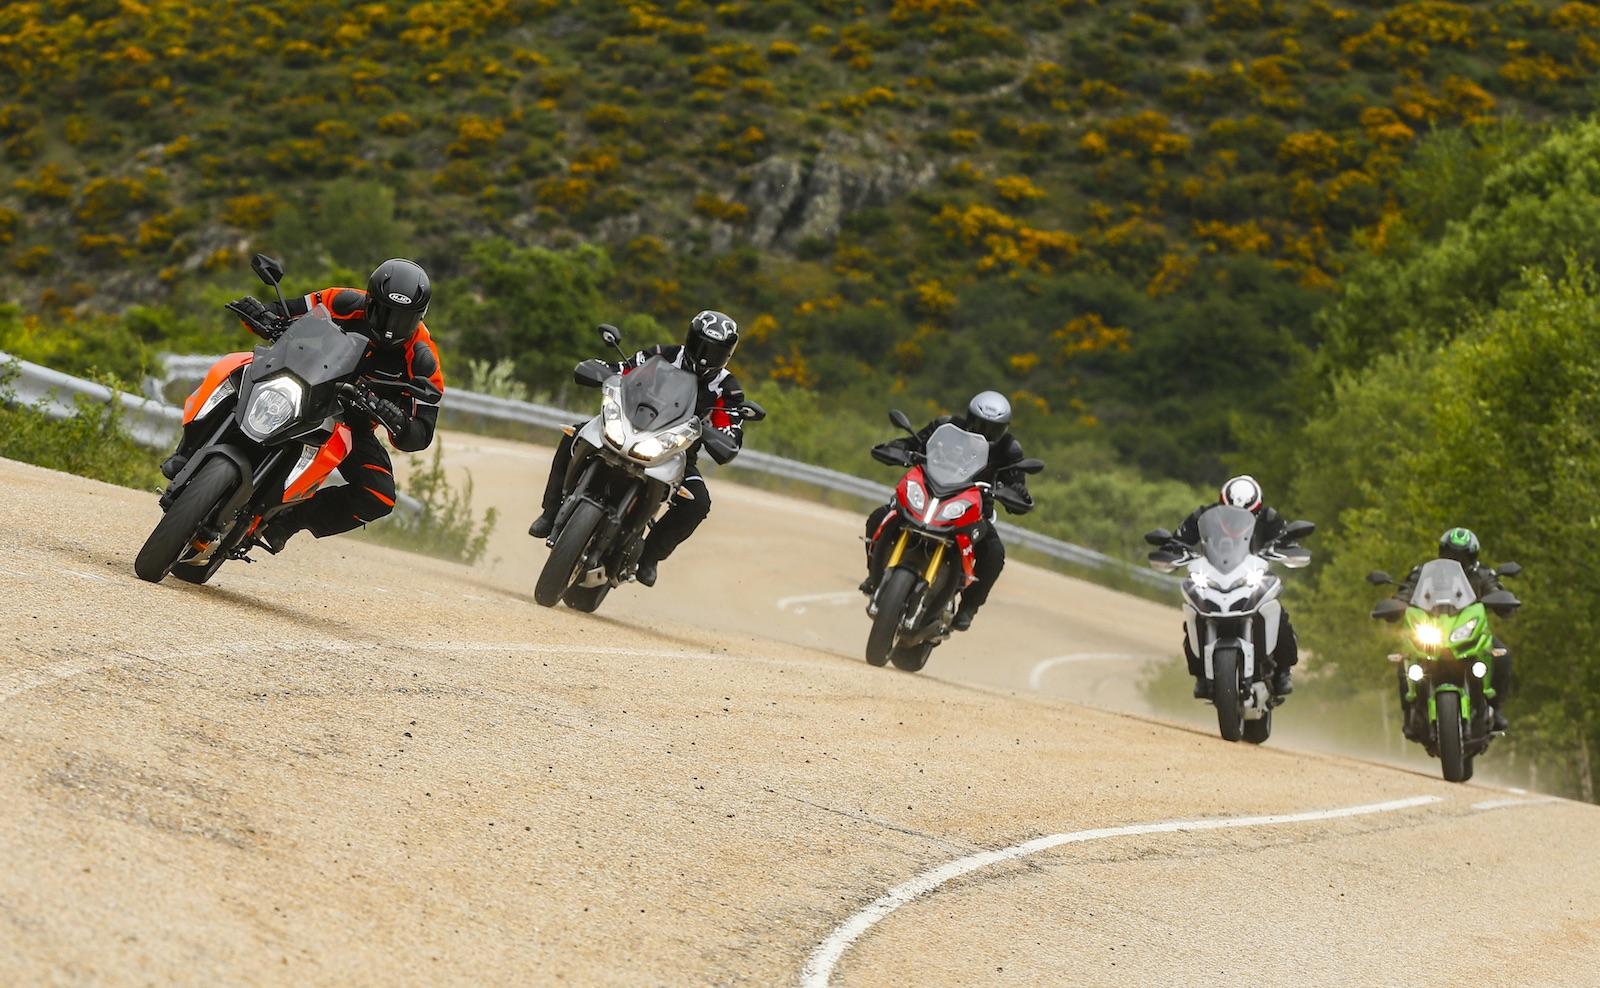 Comparativa Sport Turismo: BMW S 1000 XR, Ducati MTS 1200 S, Kawasaki Versys 1000, KTM 1290 Super Duke GT y Triumph Tiger Sport